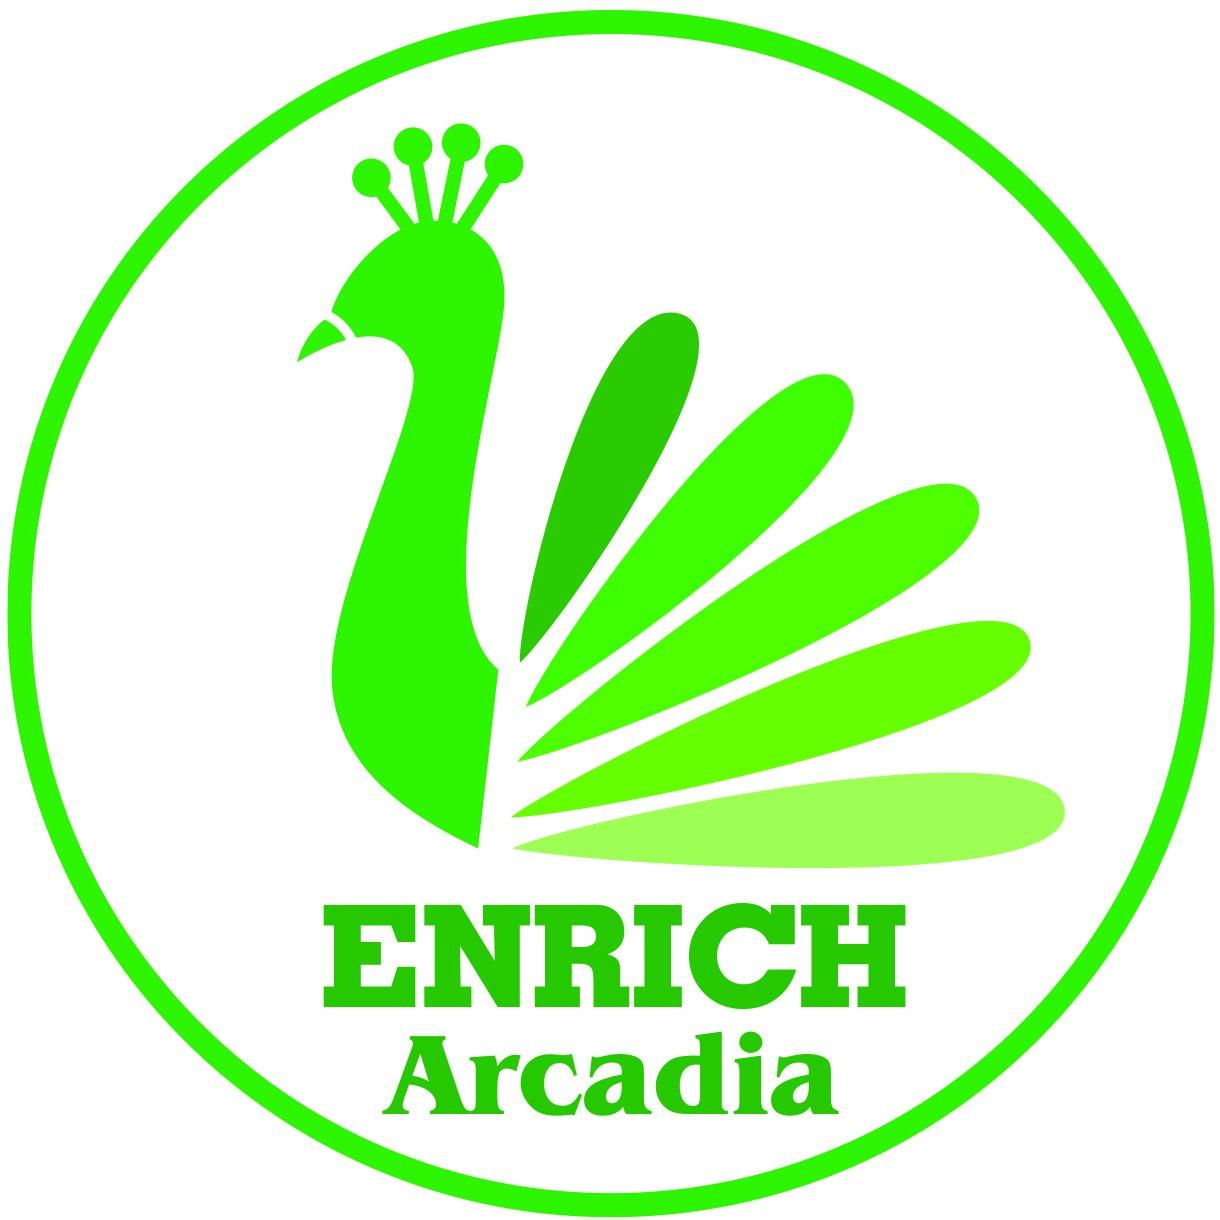 Enrich Arcadia